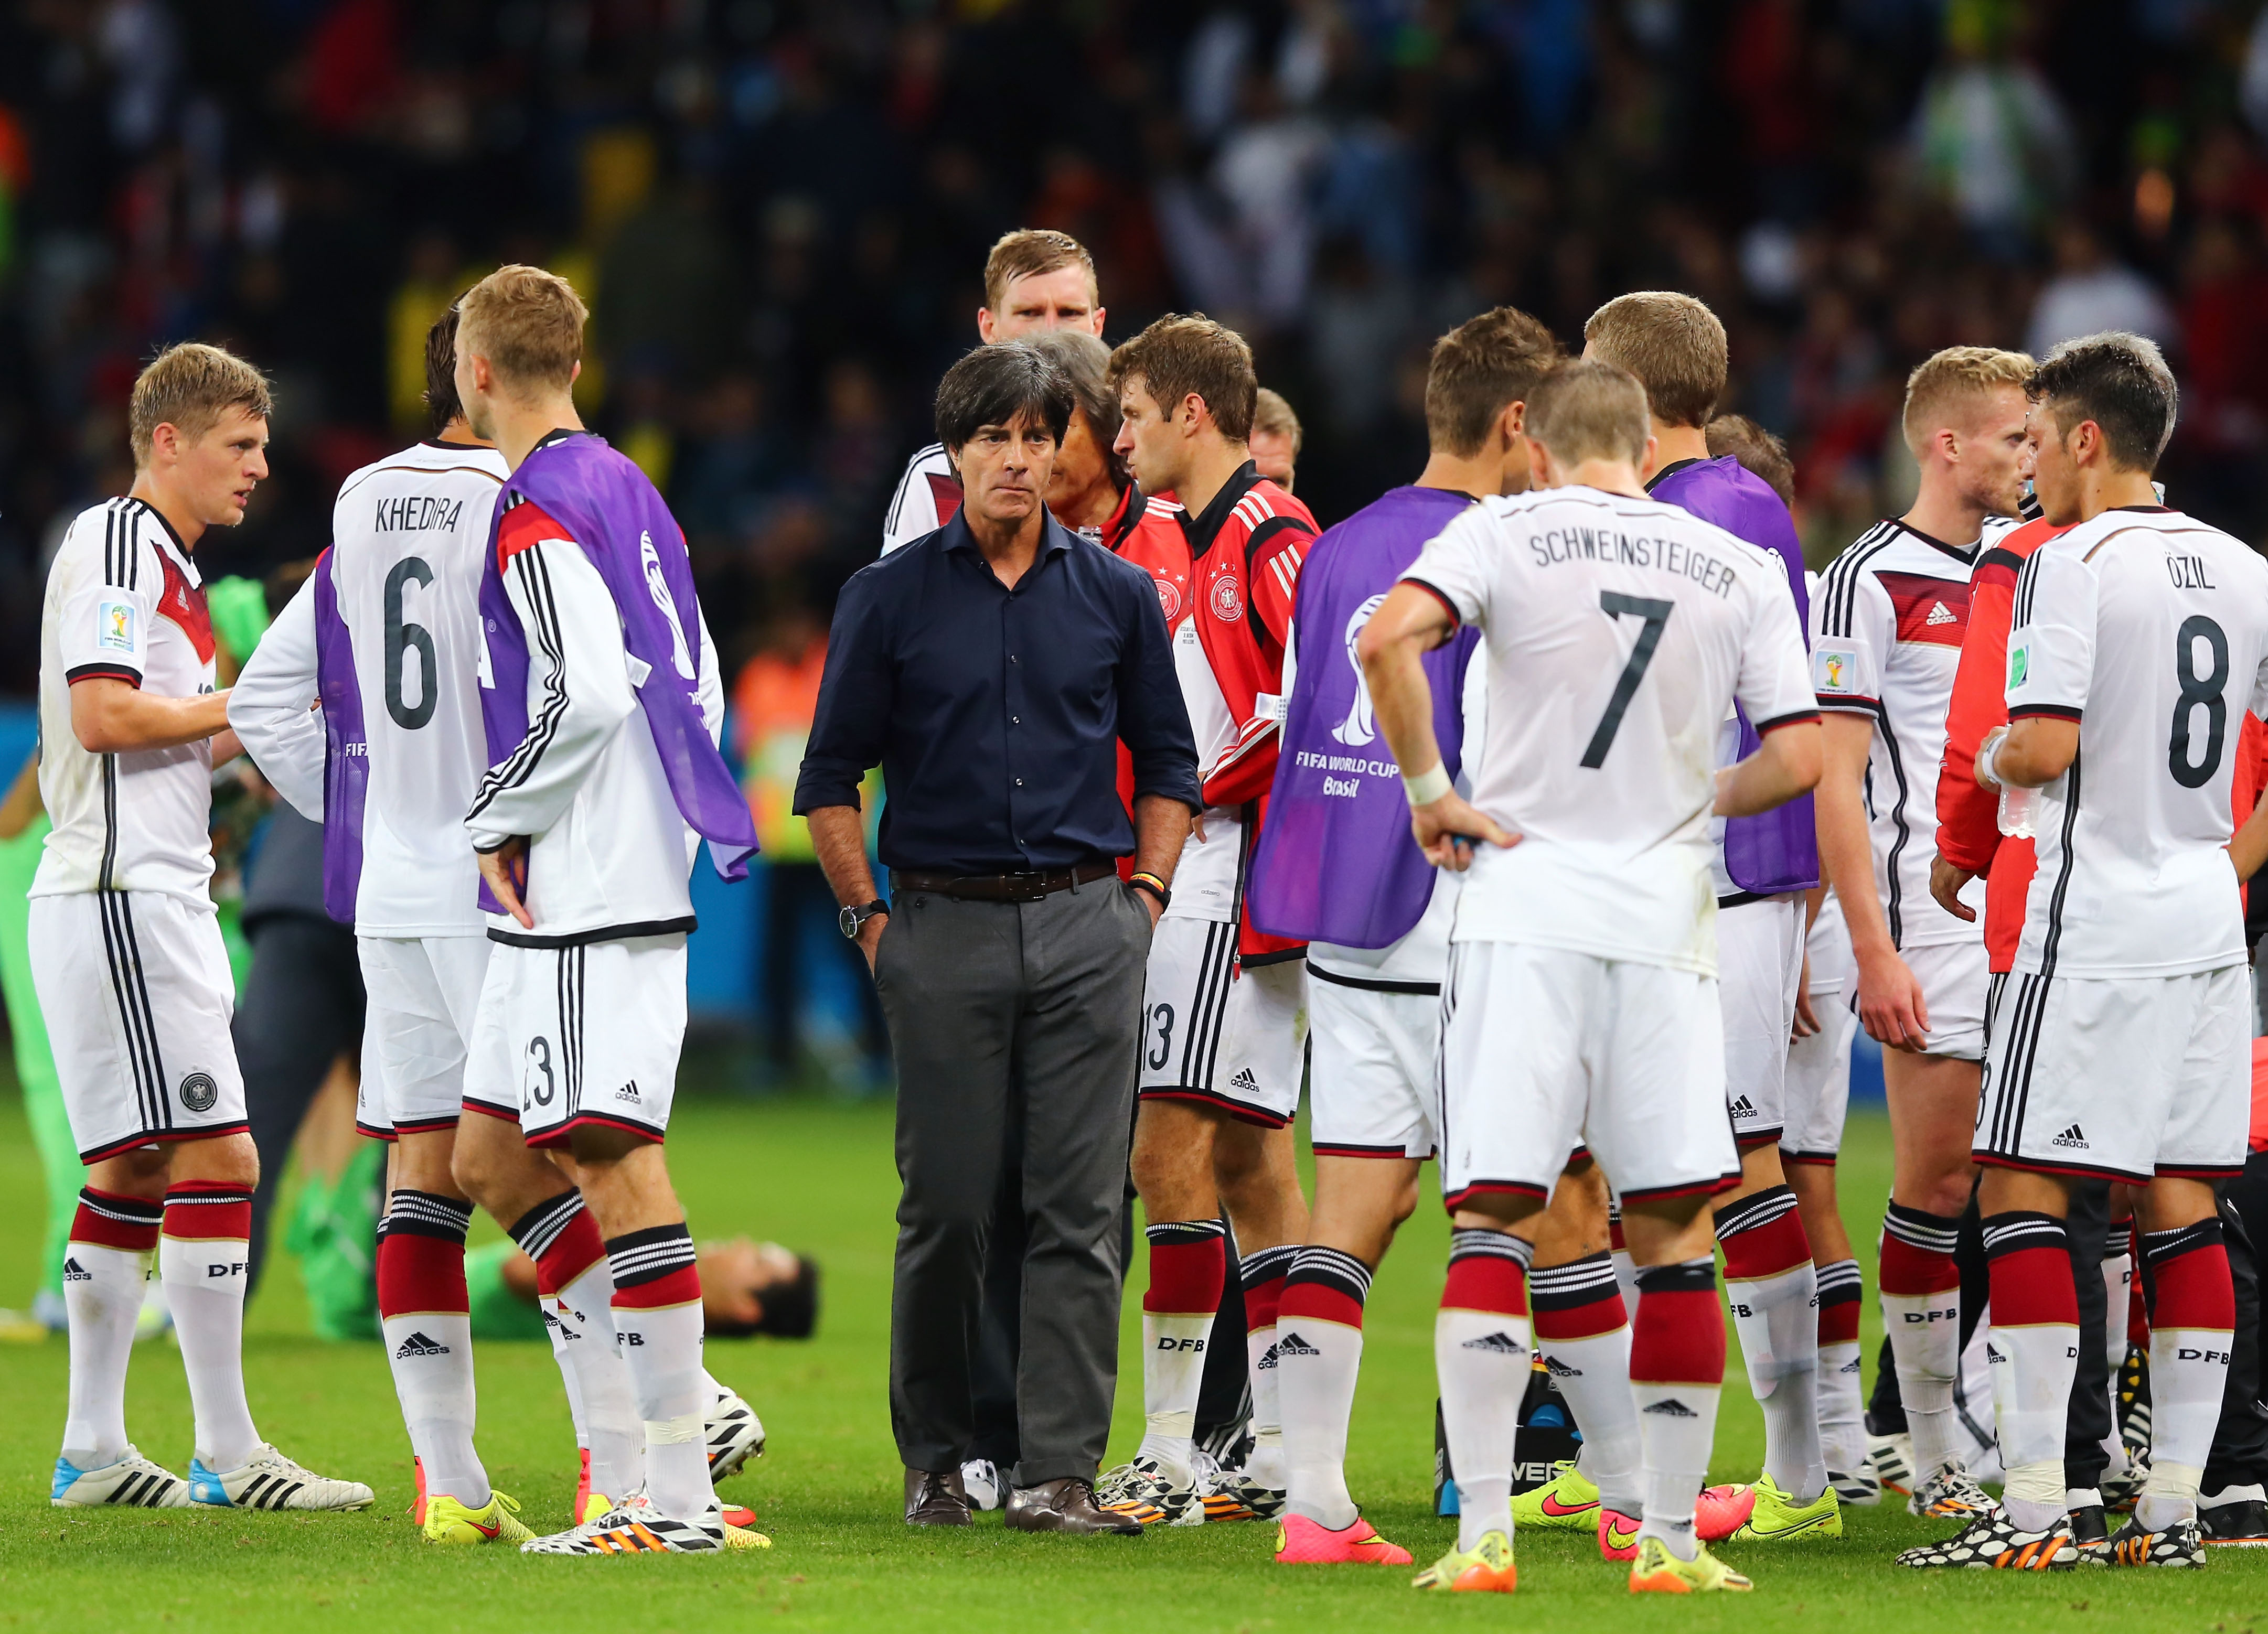 Германия - Алжир 2:1. Немцы уносят ноги от неуступчивого Алжира - изображение 1